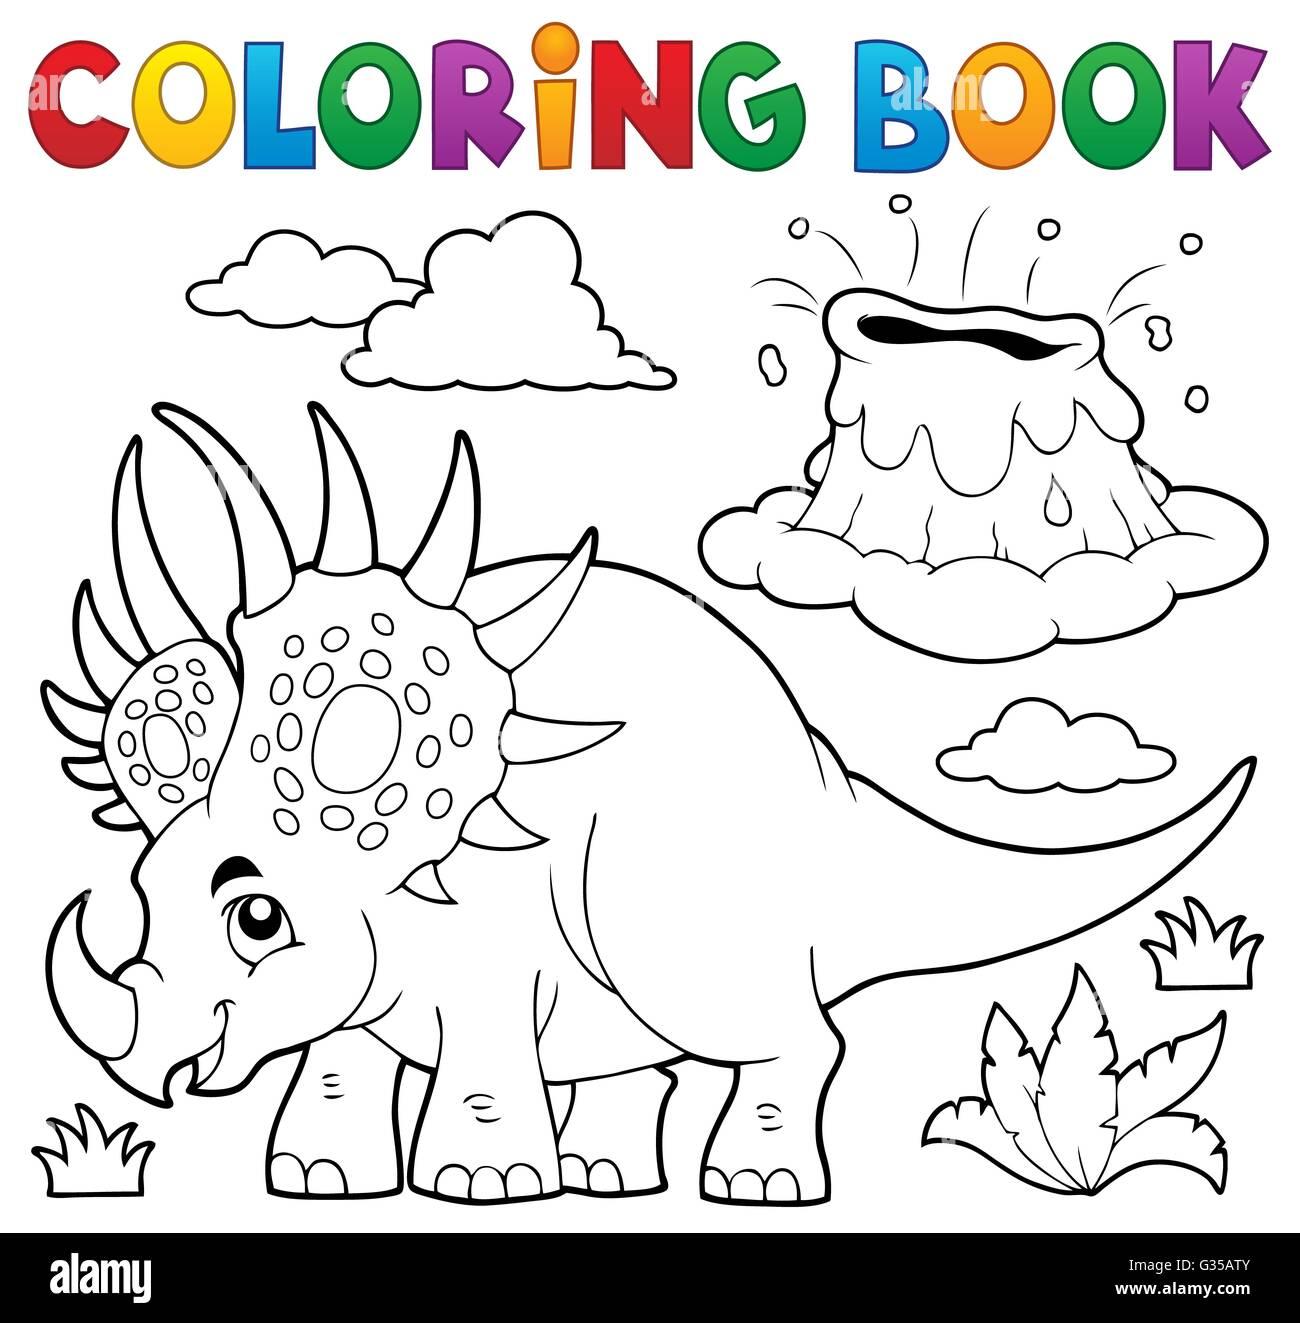 Livre Coloriage Dinosaure.Livre De Coloriage Dinosaure Sujet 2 Photo Illustration Banque D